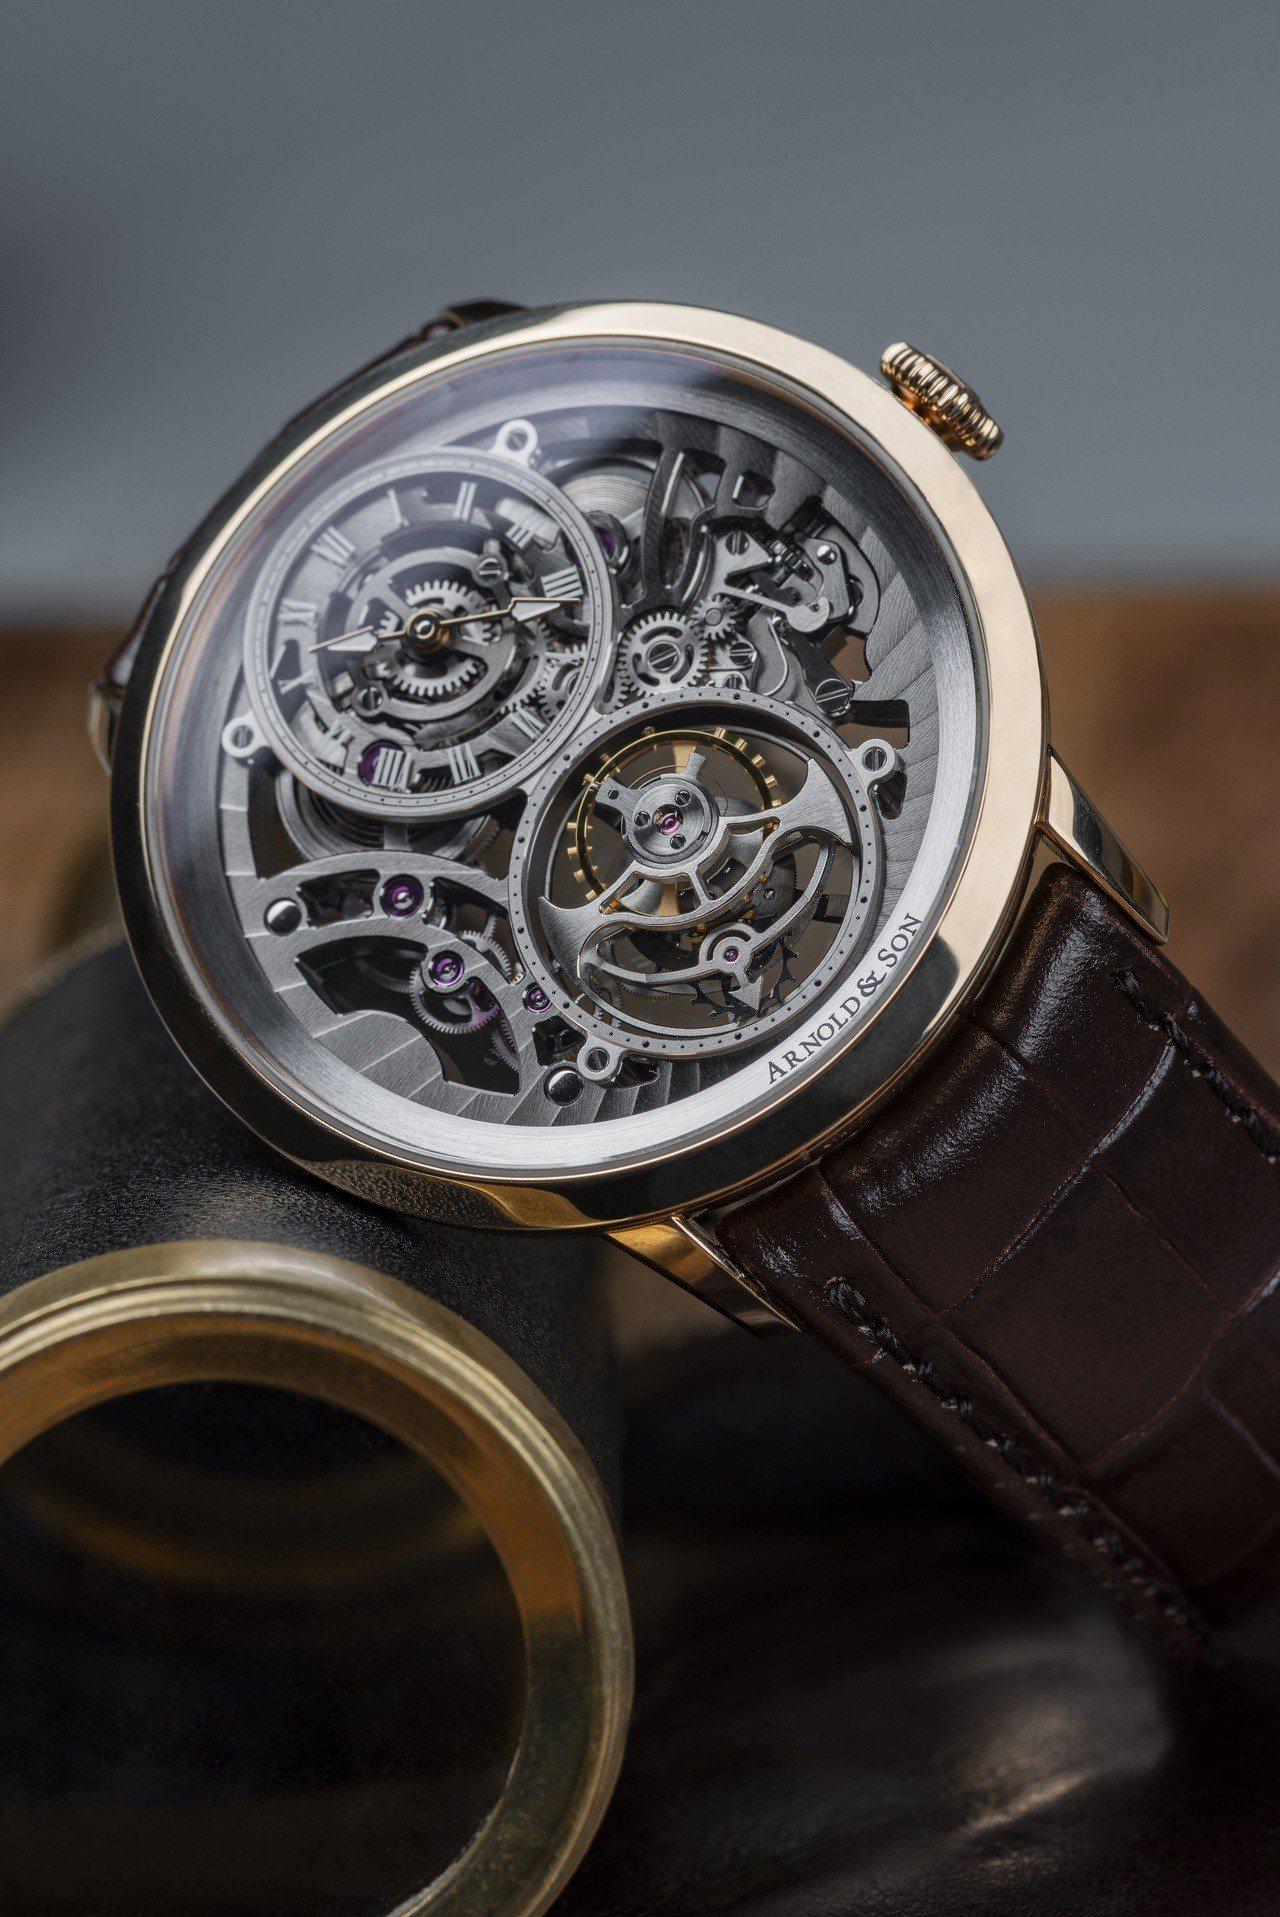 亞諾UTTE鏤空陀飛輪腕表,254萬1,500元,限量50枚。圖/亞諾表提供